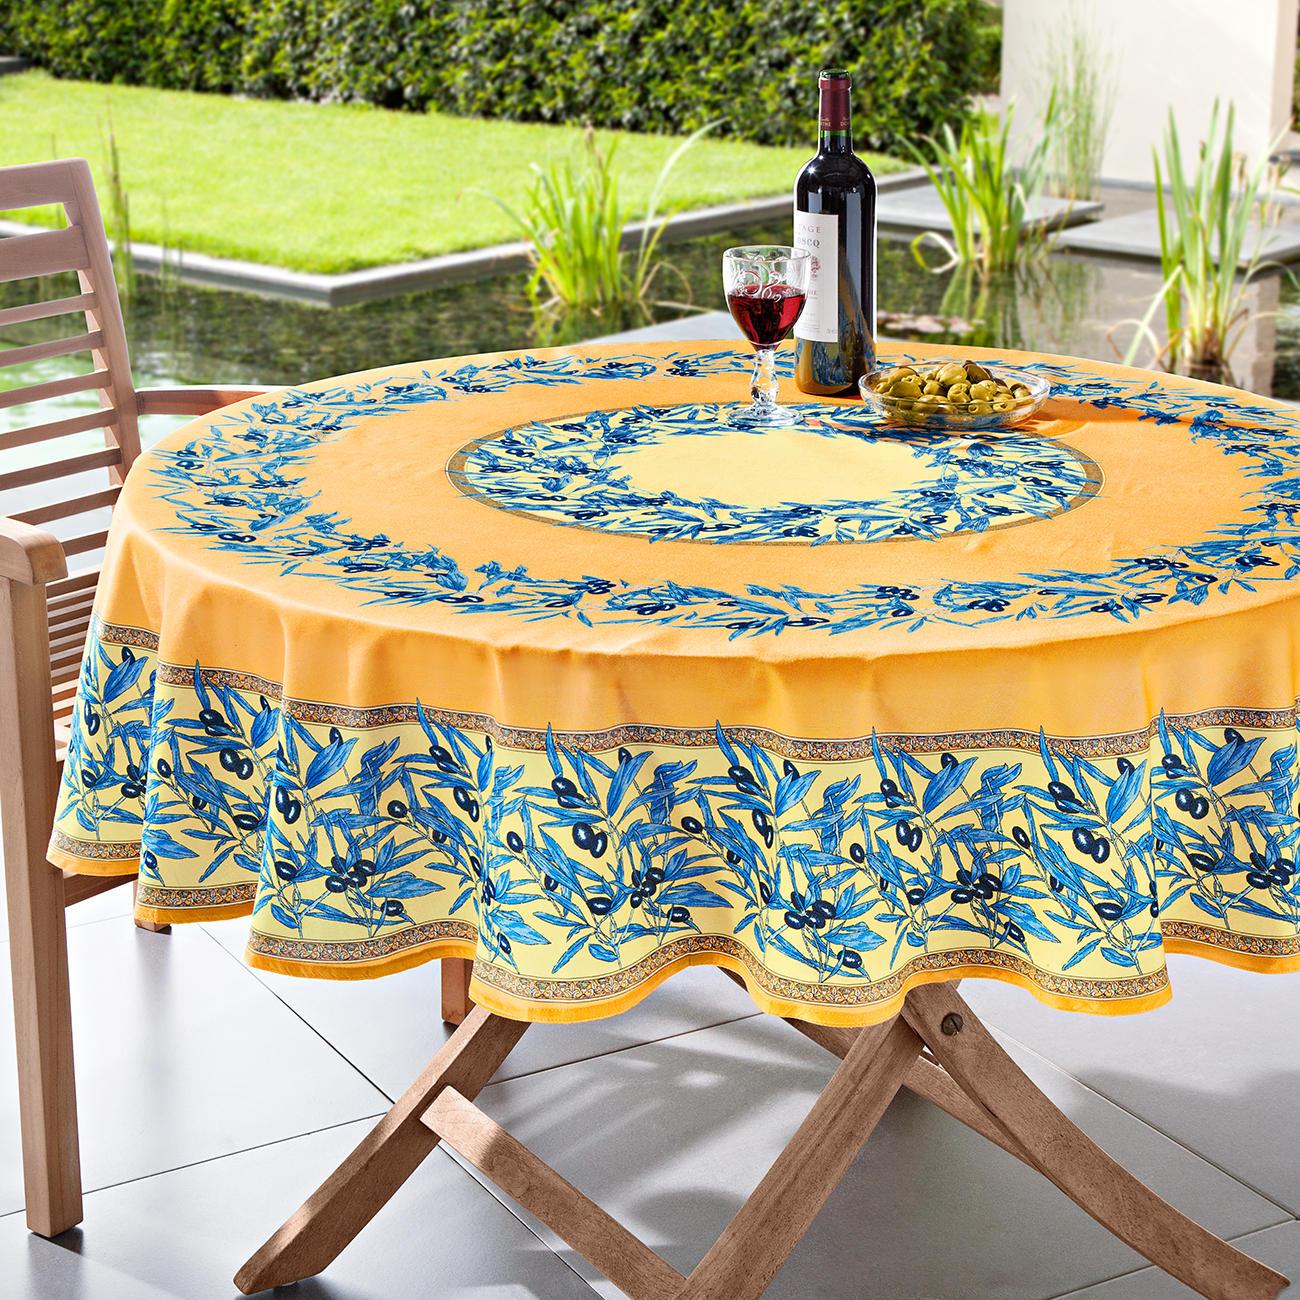 abwaschbare oliven tischw sche 160 x 160 cm blau wei. Black Bedroom Furniture Sets. Home Design Ideas